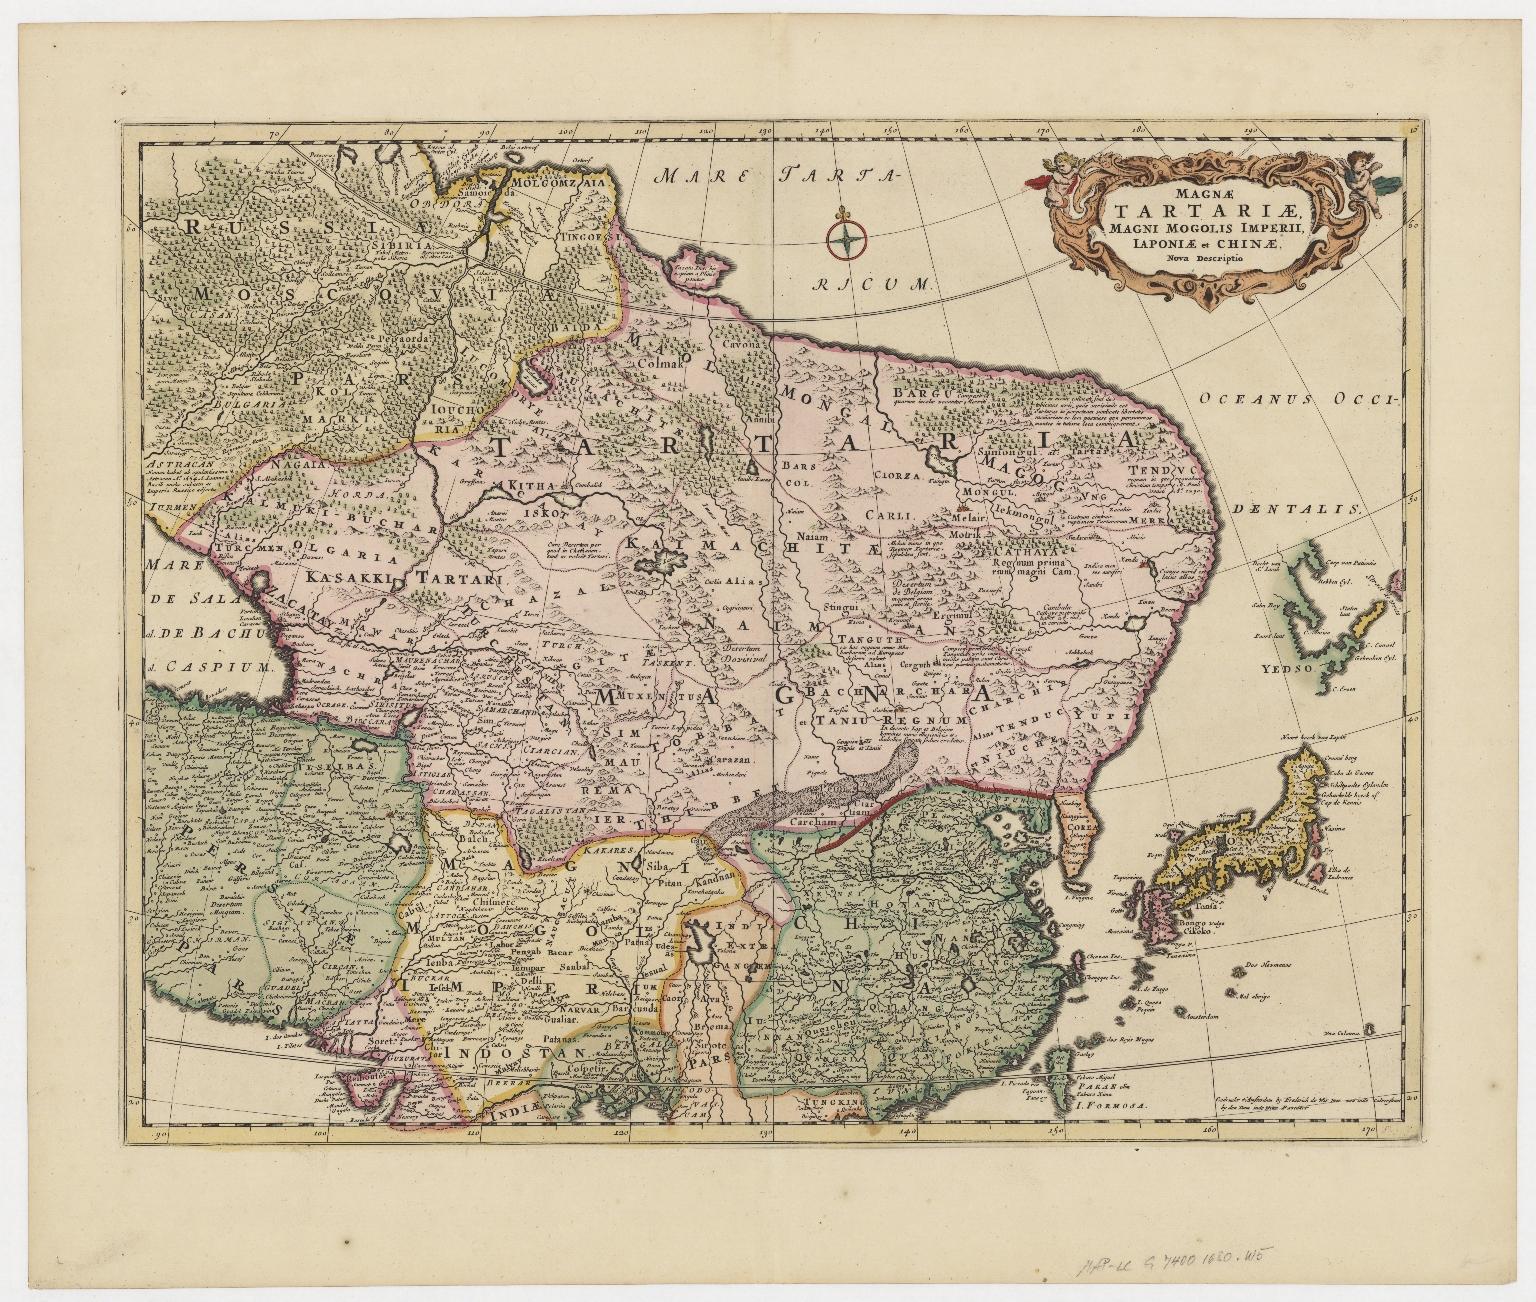 Magnae Tartariae, magni Mogolis imperii, Japoniae et Chinae, nova descriptio.